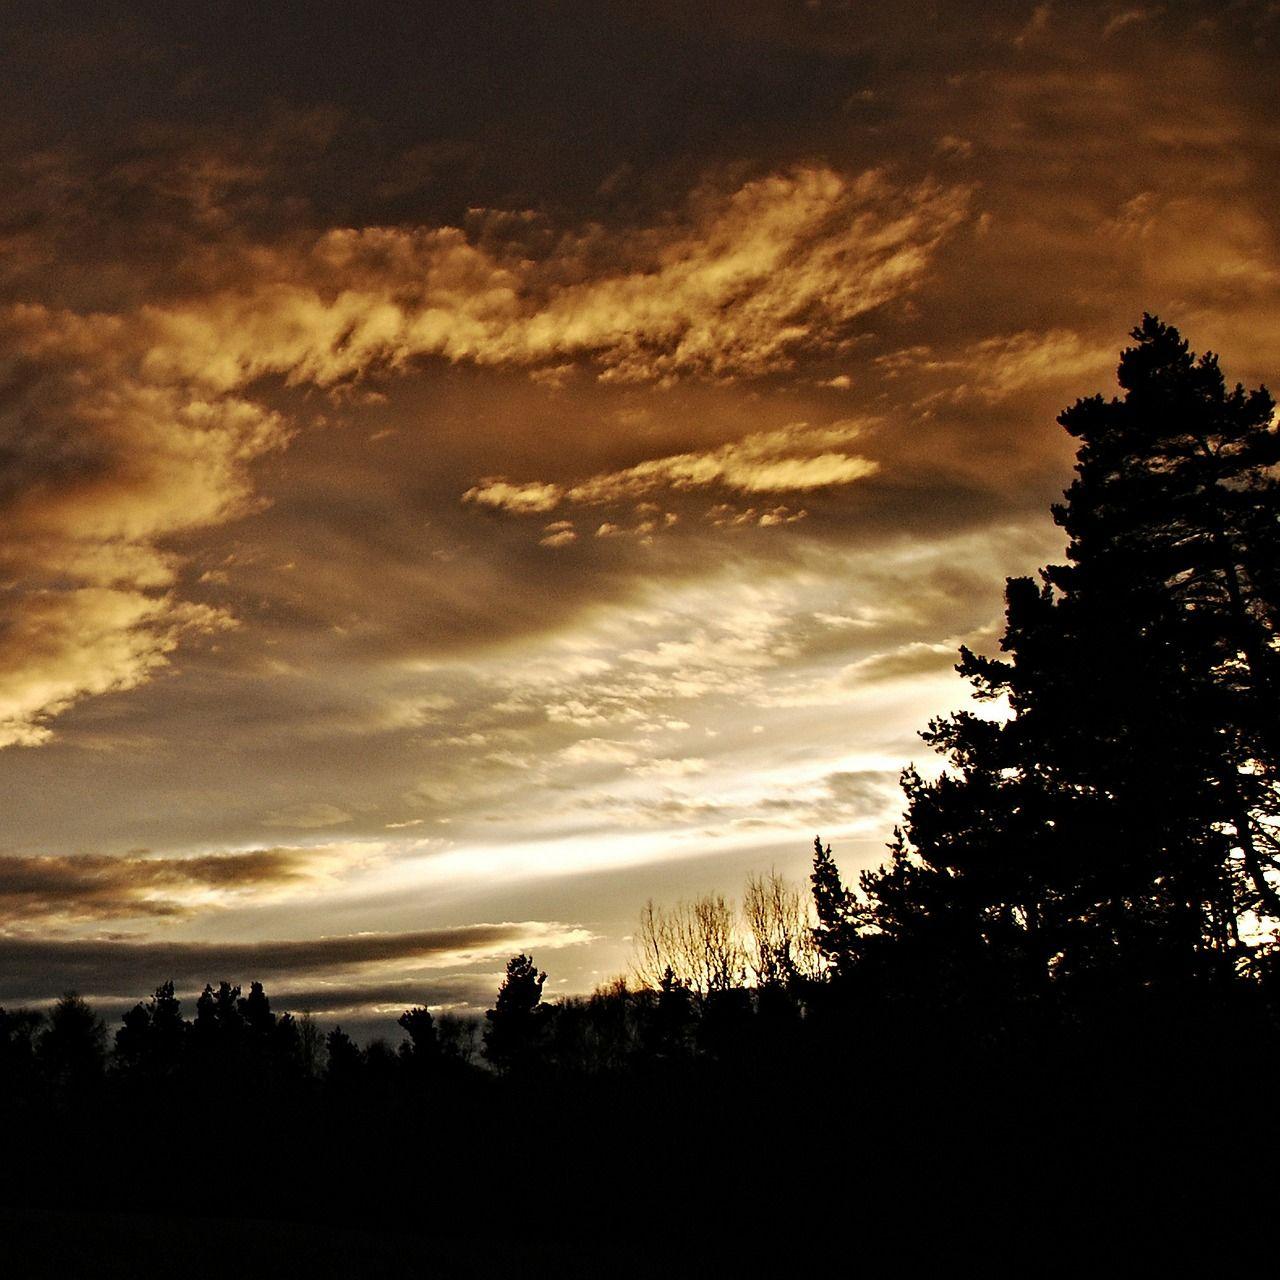 Enchanting evening scene.